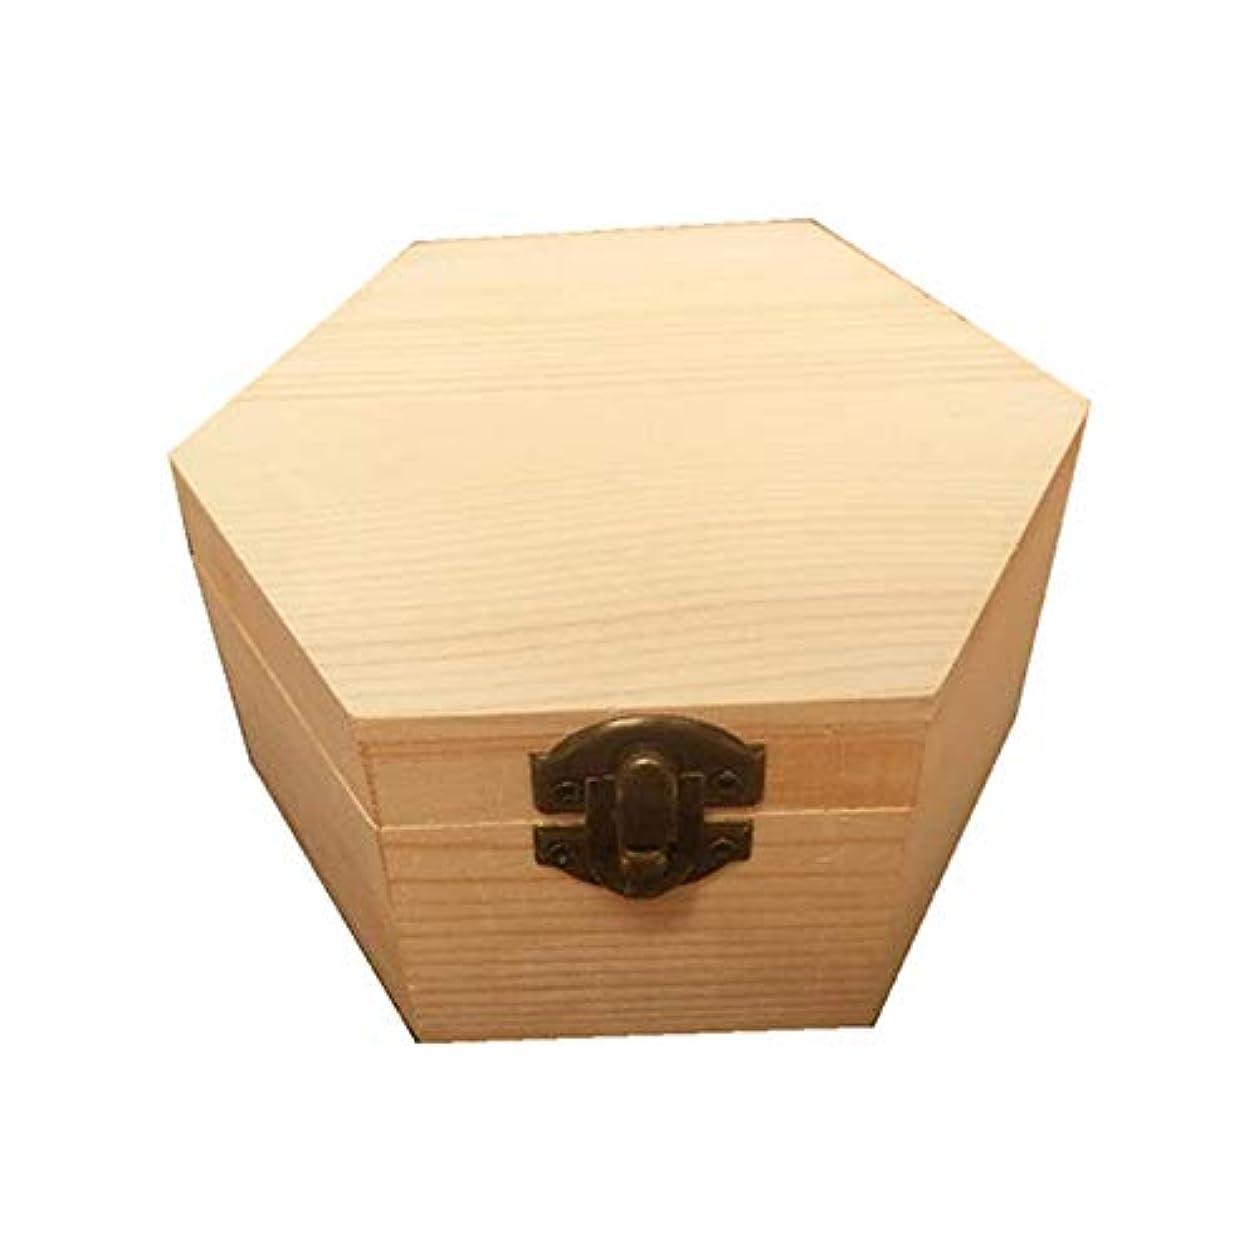 明日忘れっぽい私のエッセンシャルオイルの保管 手作りの木製ギフトボックスパーフェクトエッセンシャルオイルケースにエッセンシャルオイル (色 : Natural, サイズ : 13X11.3X6.8CM)